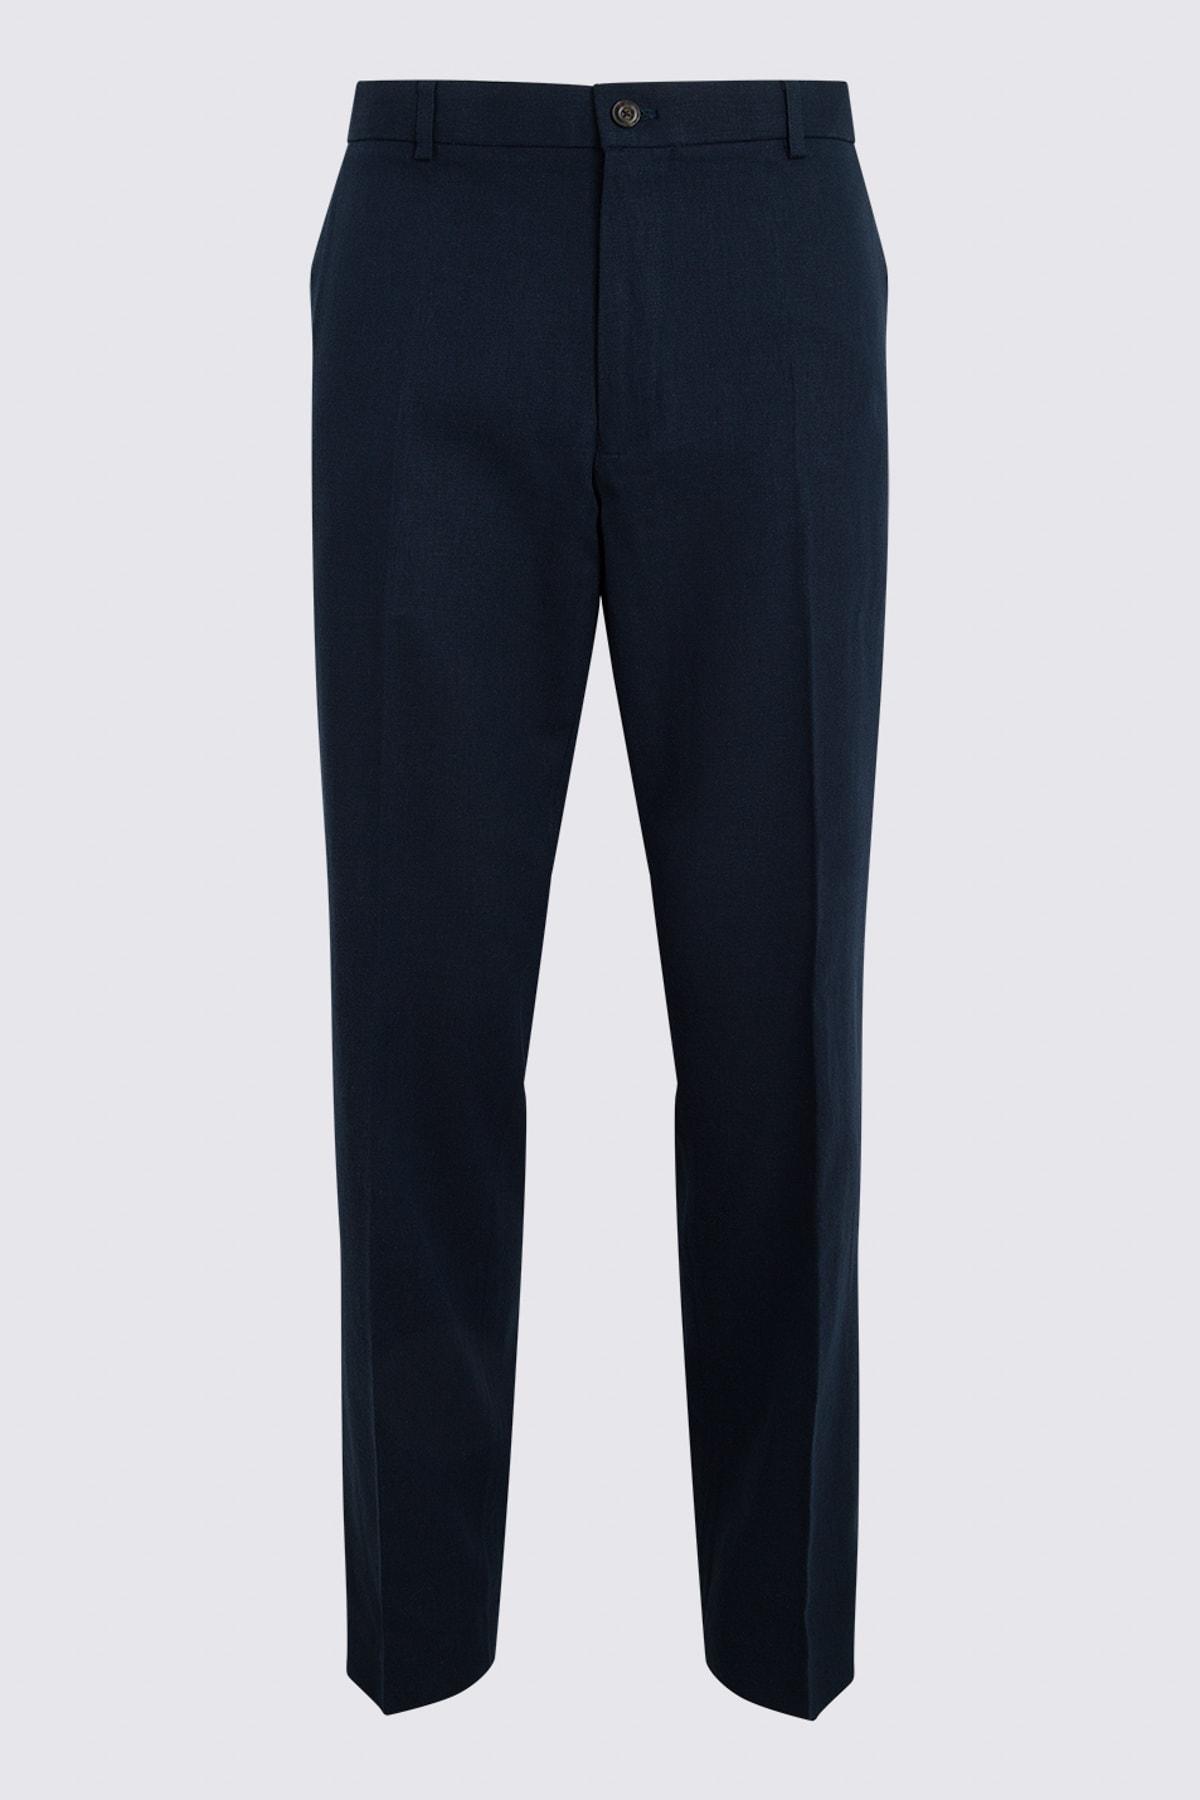 Marks & Spencer Erkek Lacivert Keten Pantolon T15005162I 1